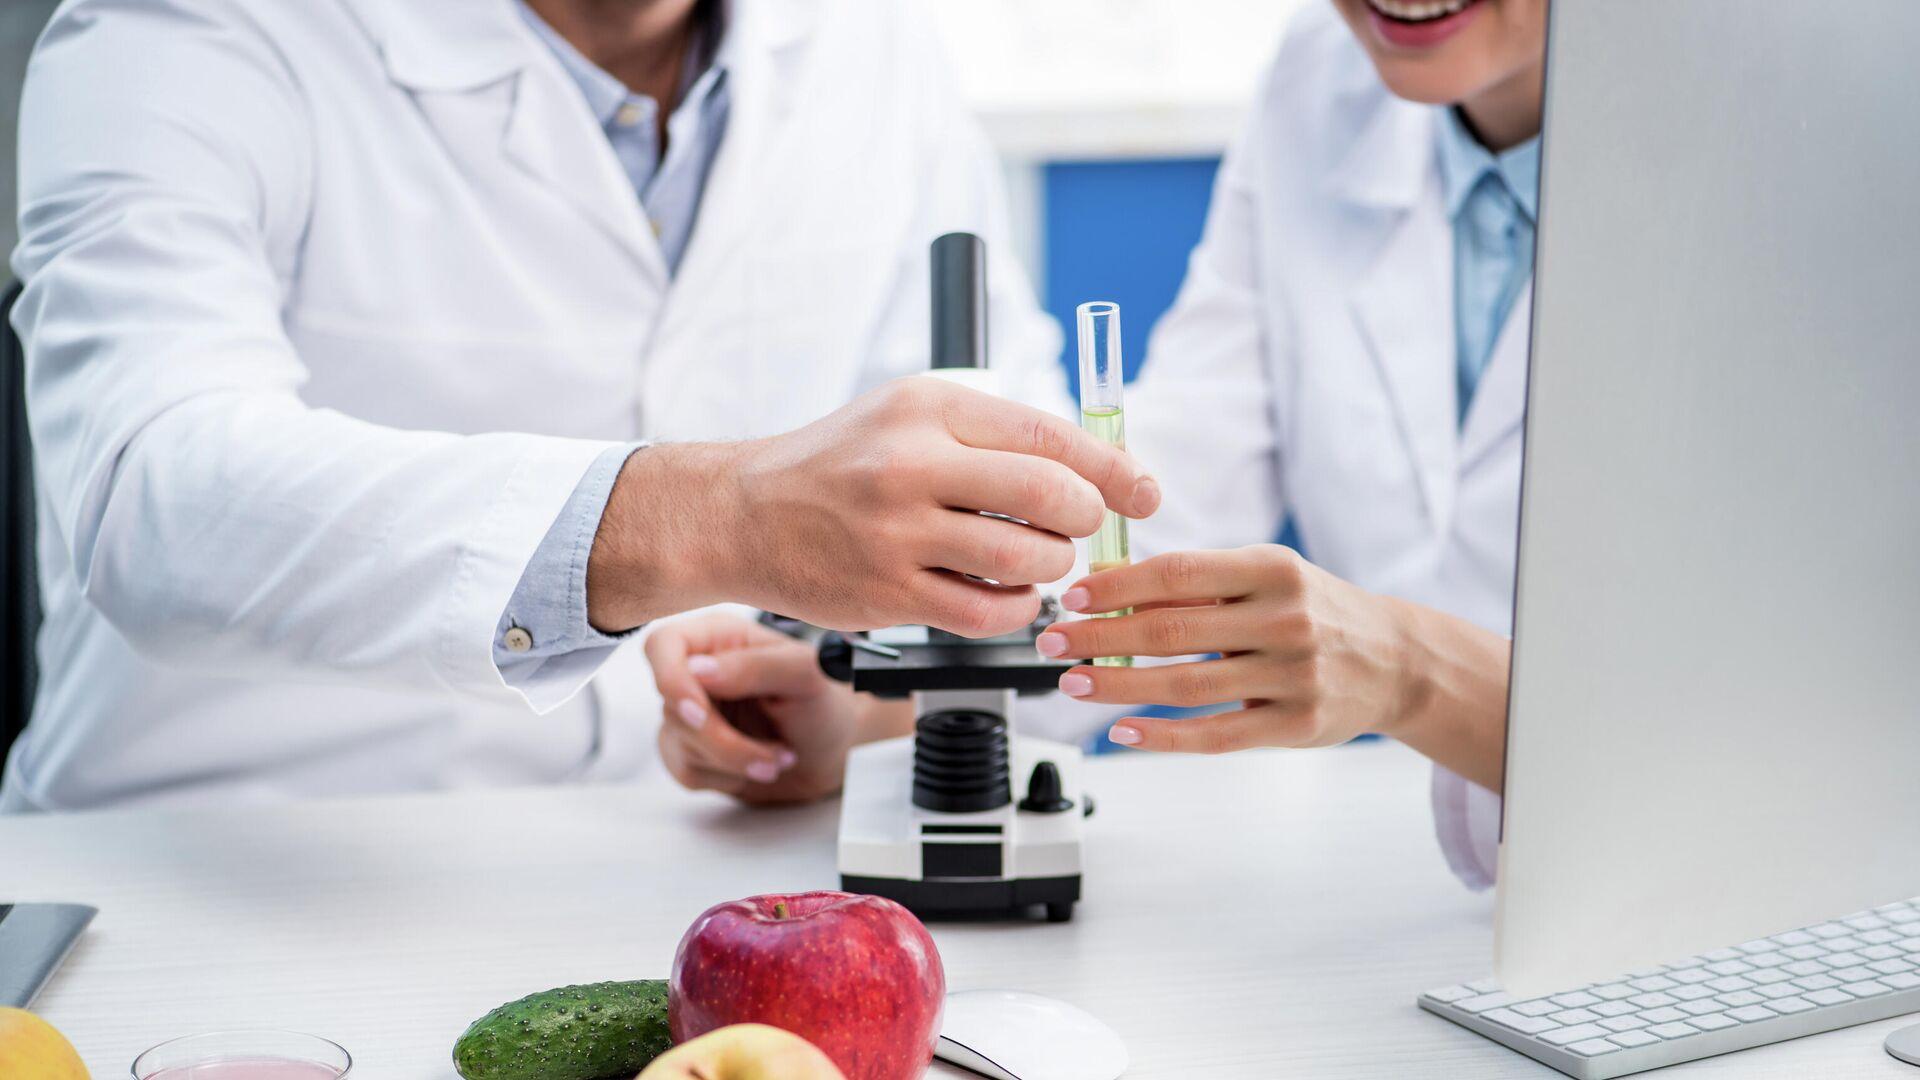 Врачи во время изучения молекулярных свойств продуктов питания - РИА Новости, 1920, 11.02.2021